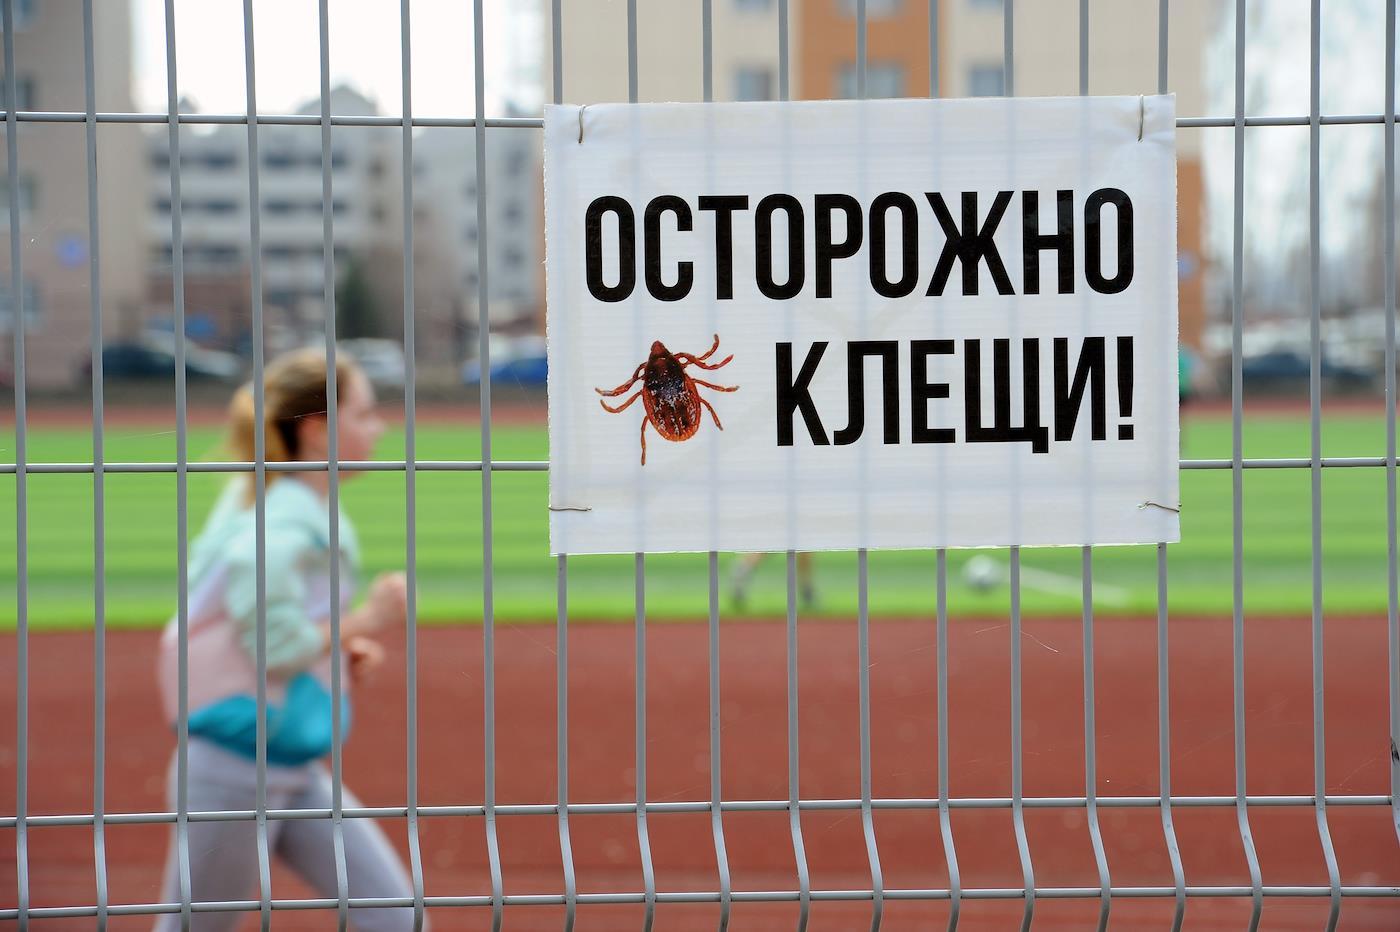 автор фото Валерий Титиевский/Коммерсантъ